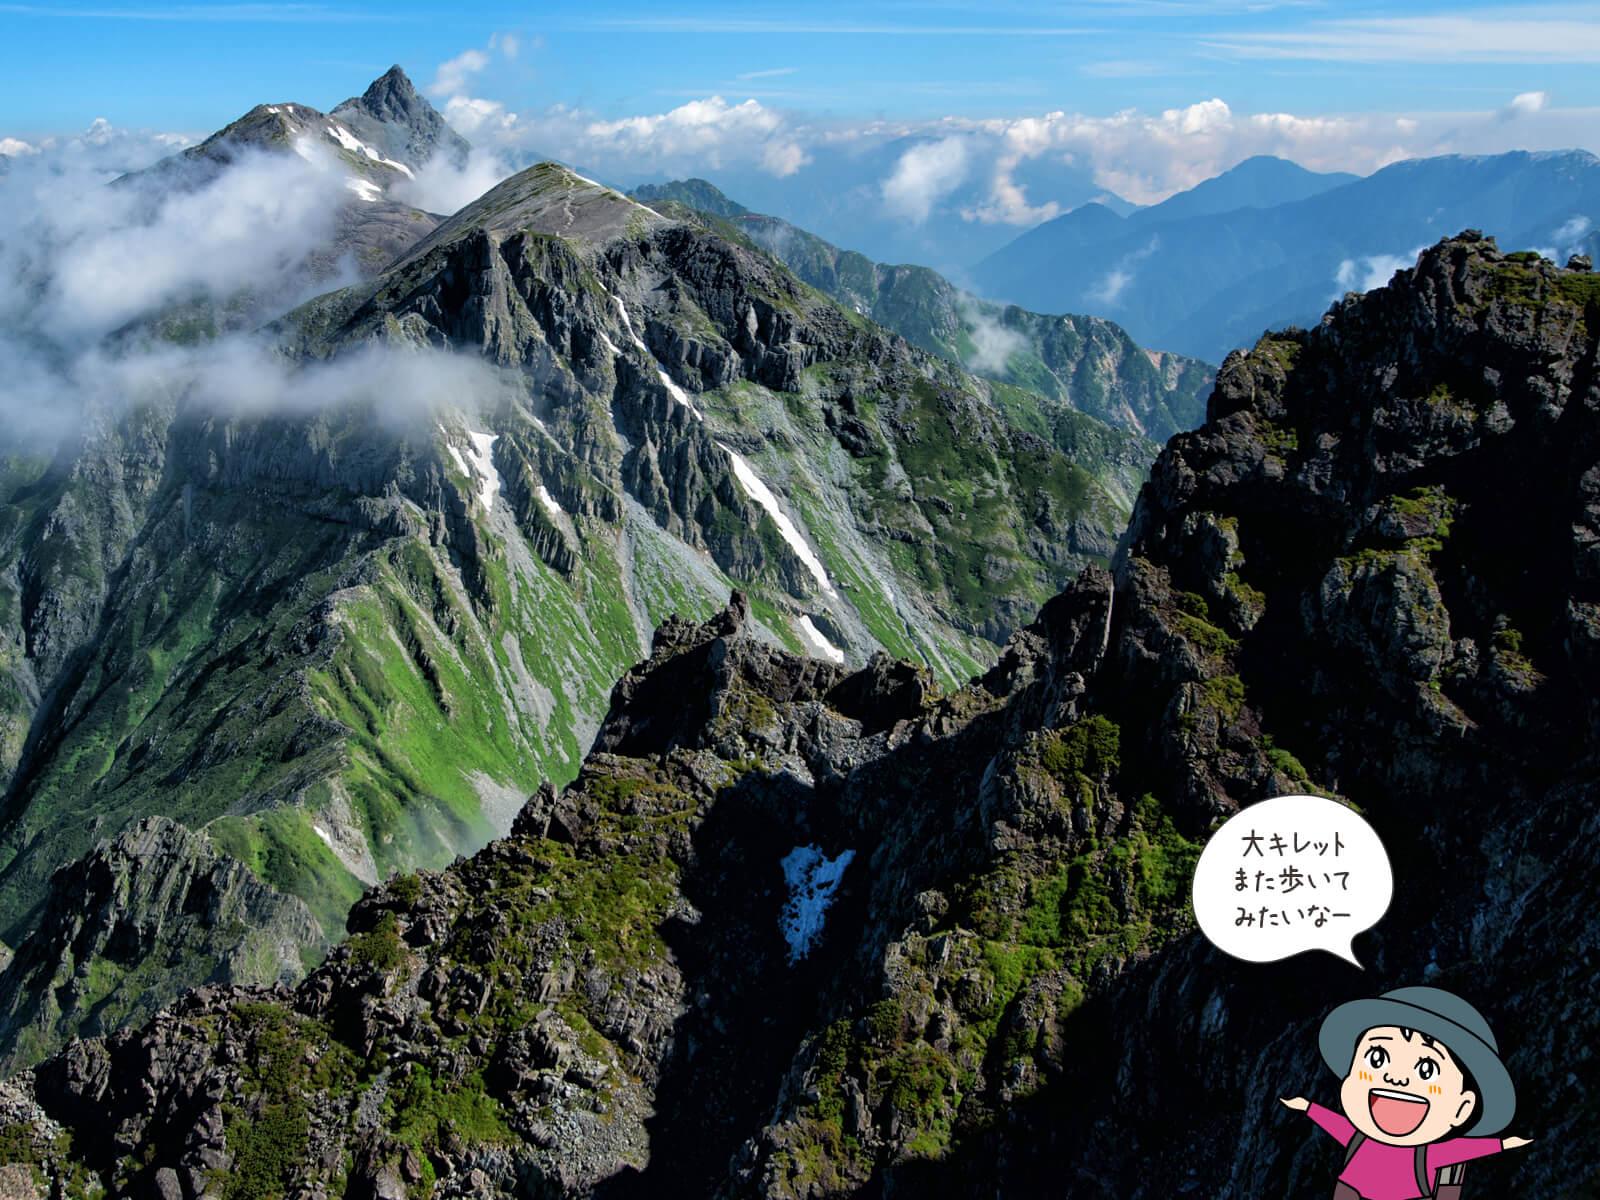 登山用語「核心部」にまつわる写真